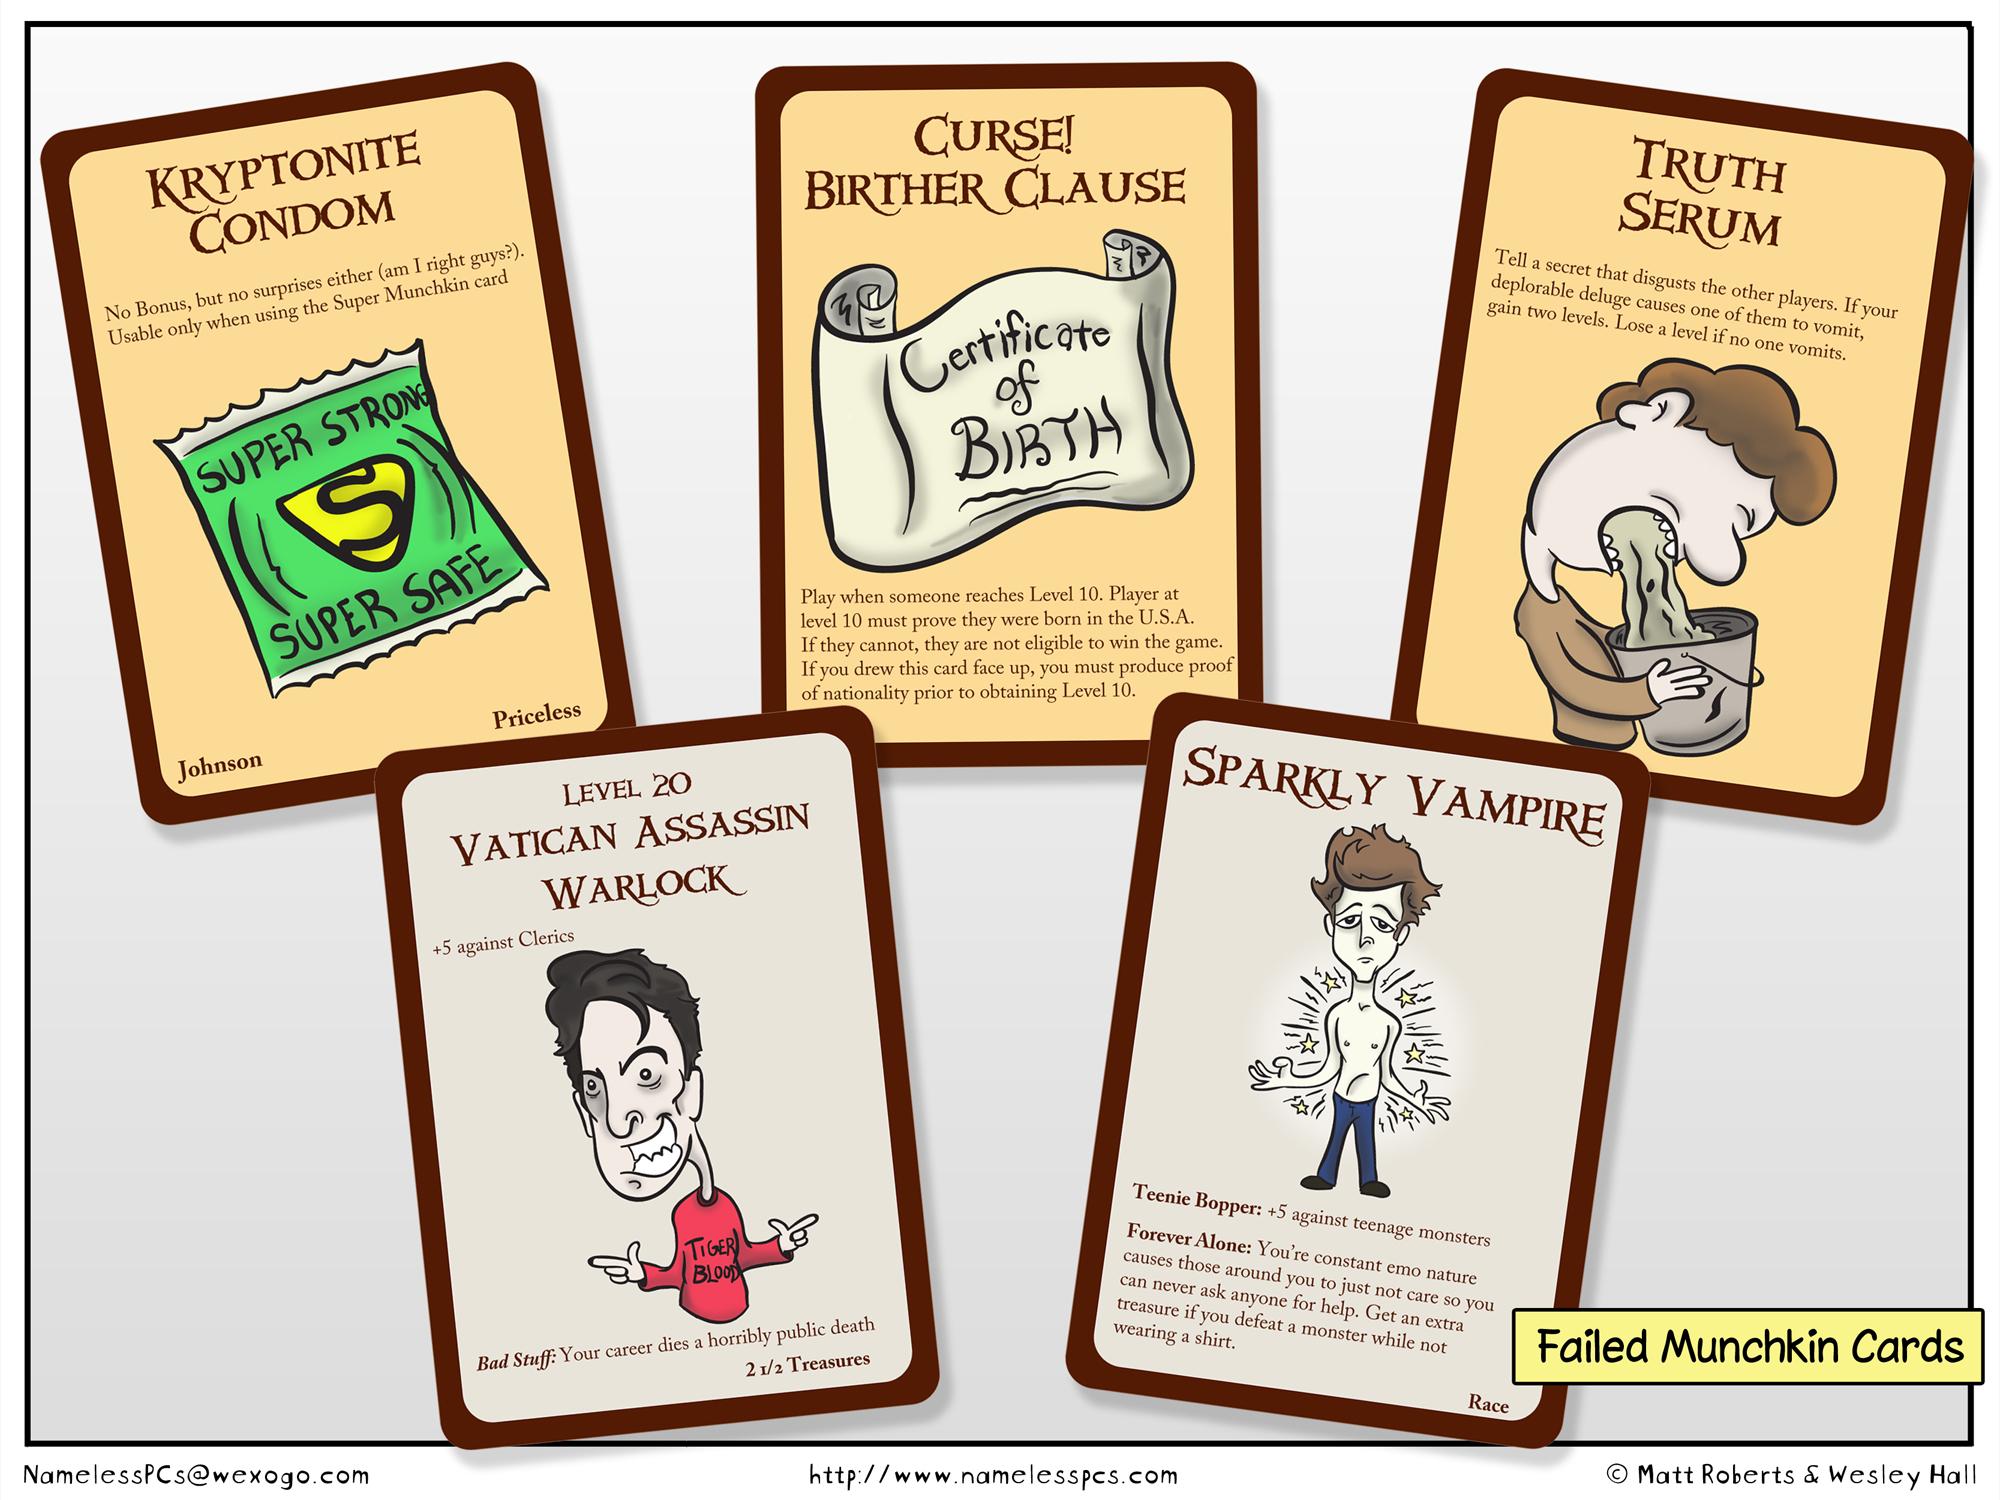 Failed Munchkin Cards